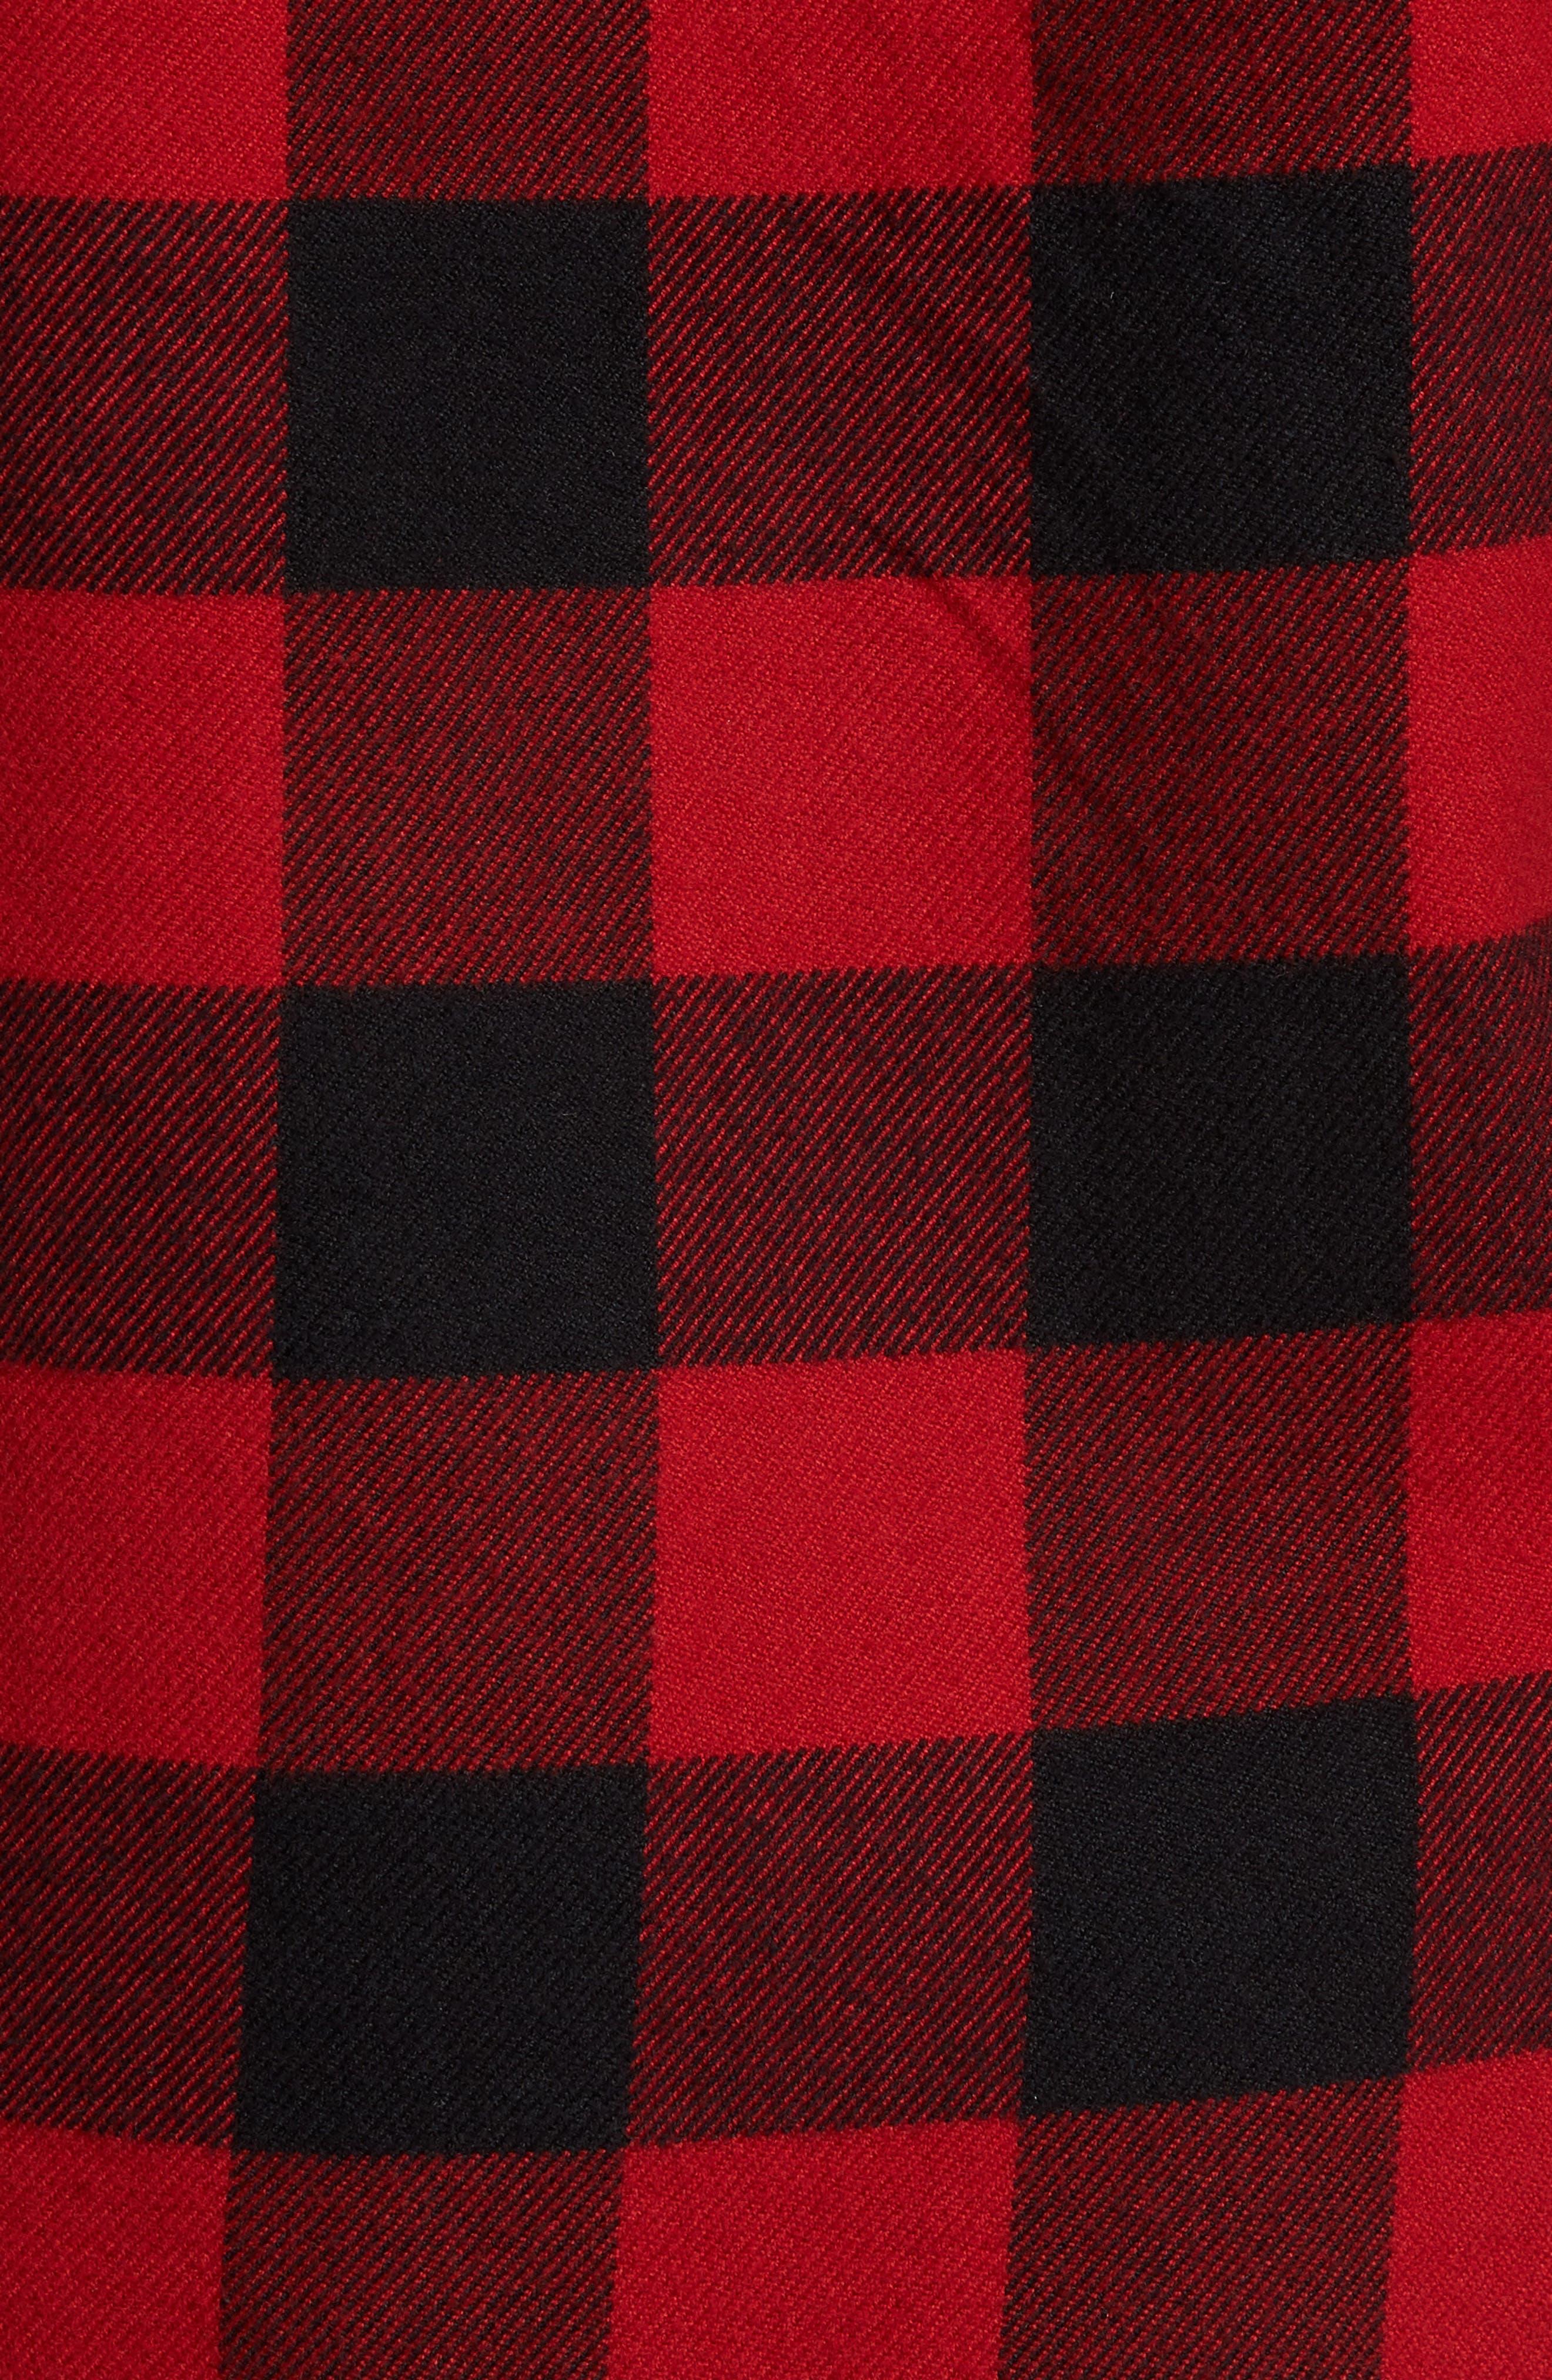 Buffalo Check Shirt Jacket,                             Alternate thumbnail 5, color,                             Buffalo Plaid